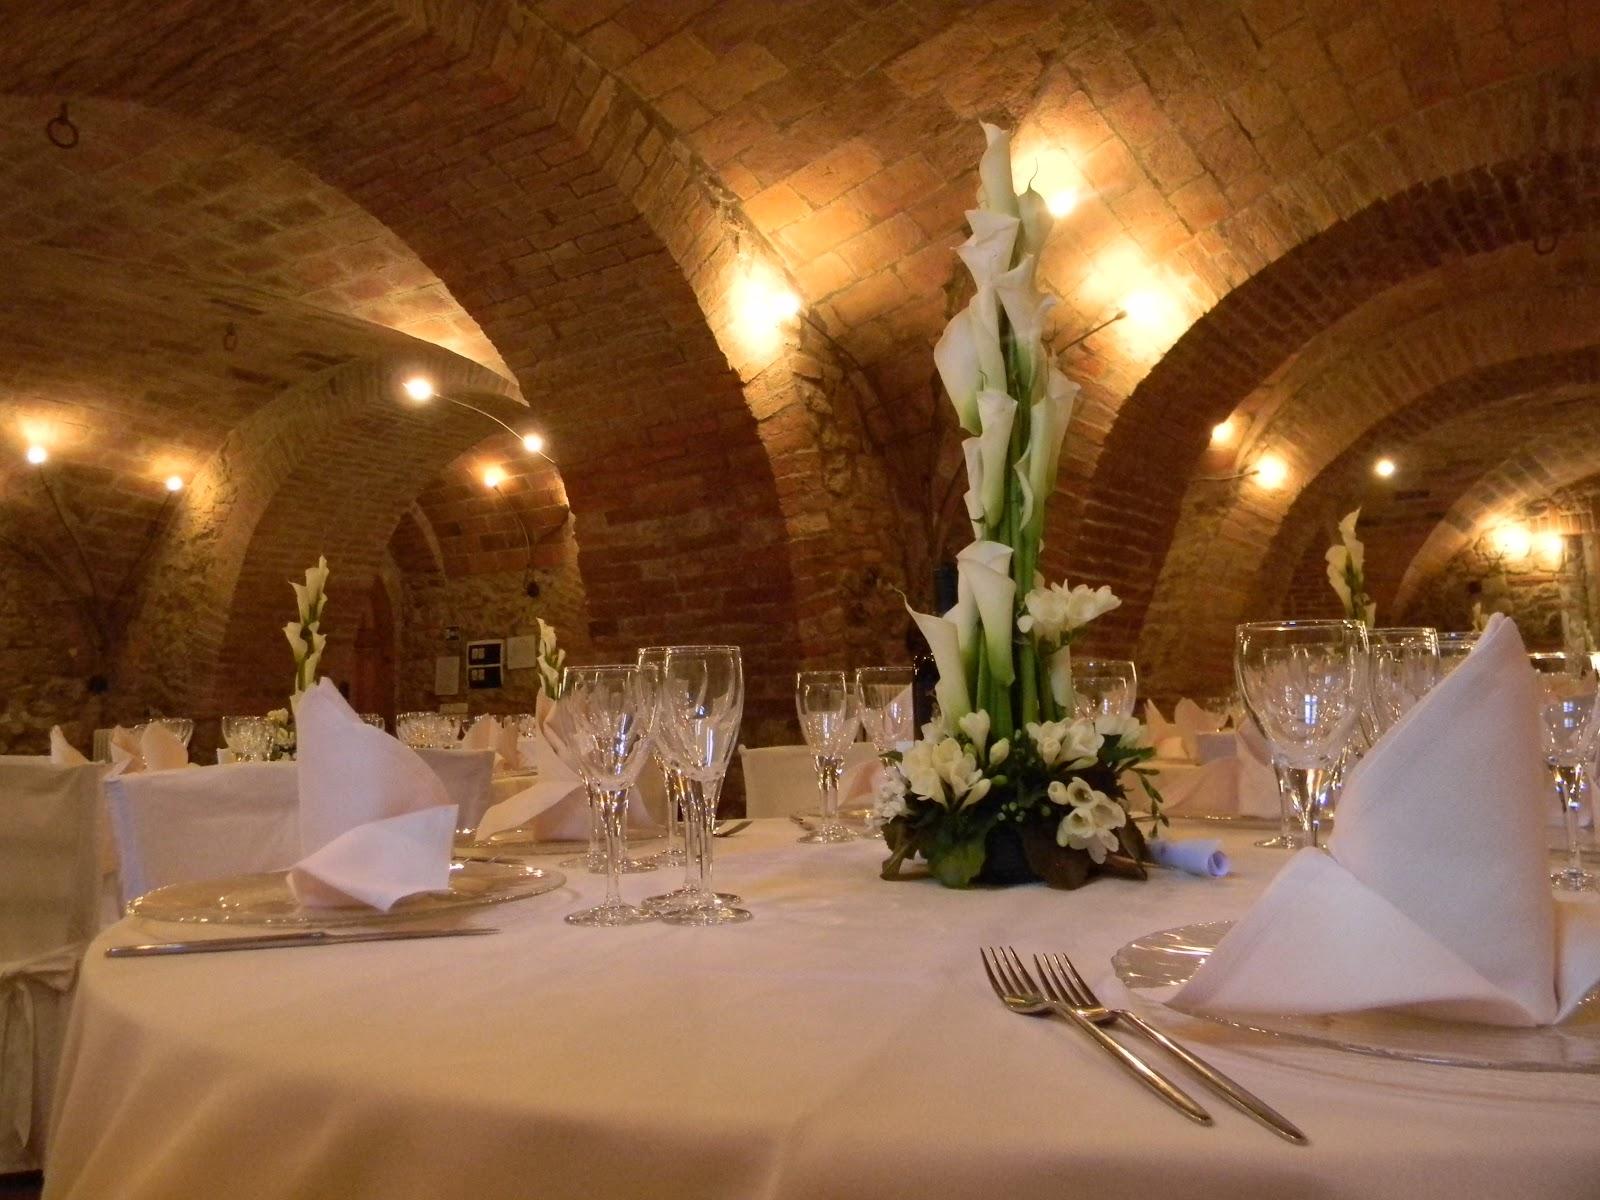 Ristoranti Matrimonio Toscana : Spose italiane consigli per la sposa su come organizzare